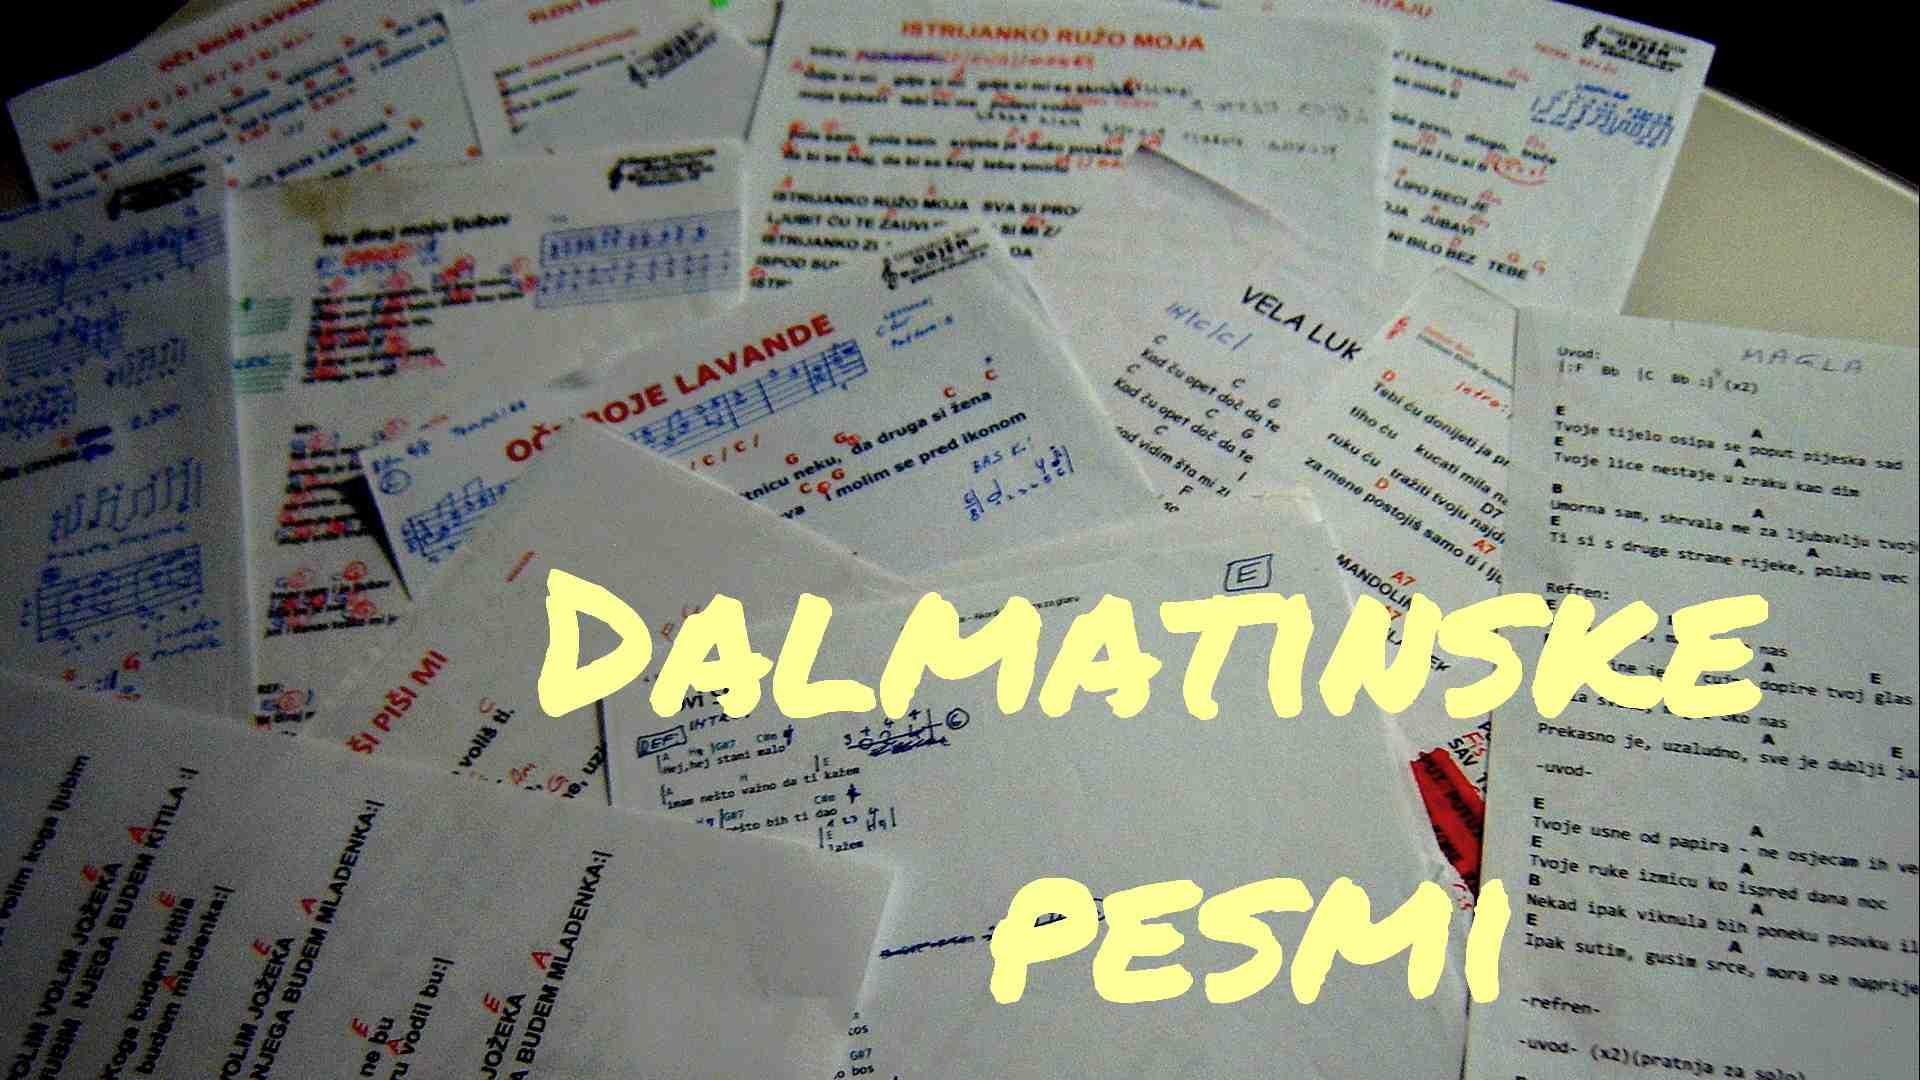 Dalmatinske pesmi dalmatinski mix za feste zurke poroke rojstni dan veselice zabave